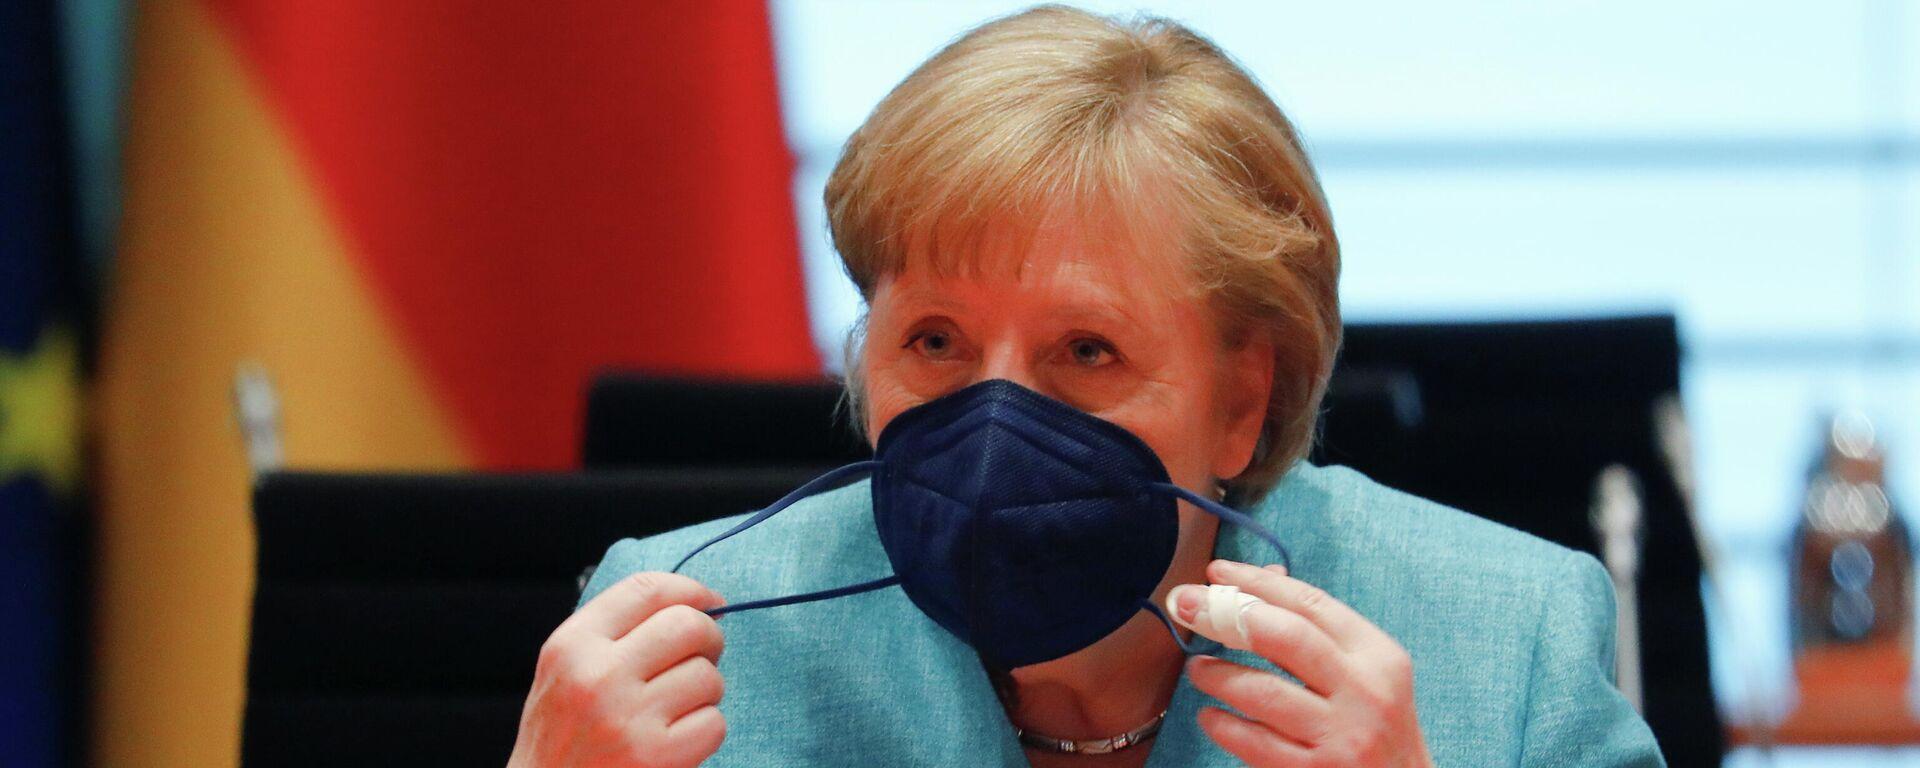 Bundeskanzlerin Angela Merkel - SNA, 1920, 20.05.2021